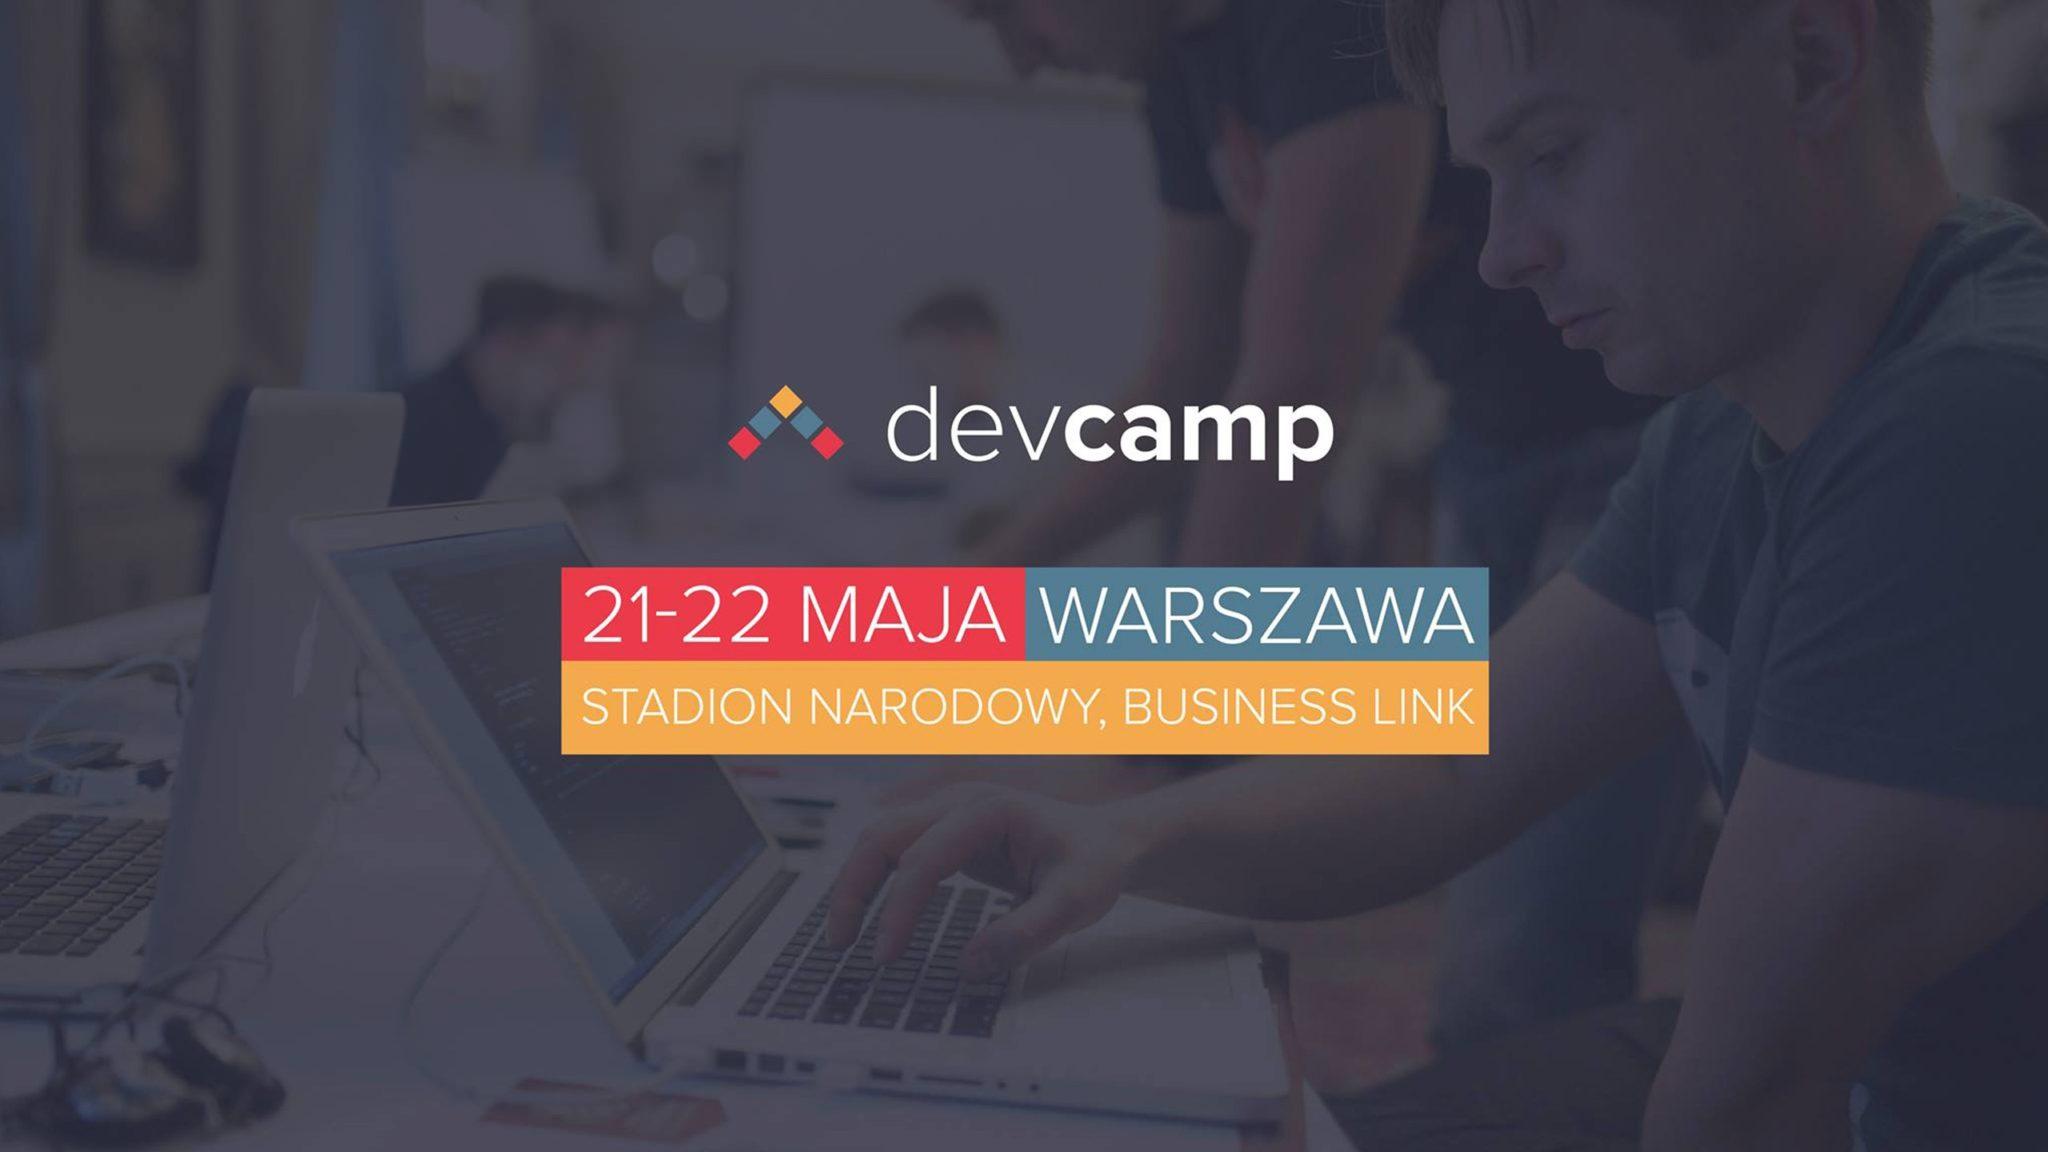 DevCamp Warsaw 2016